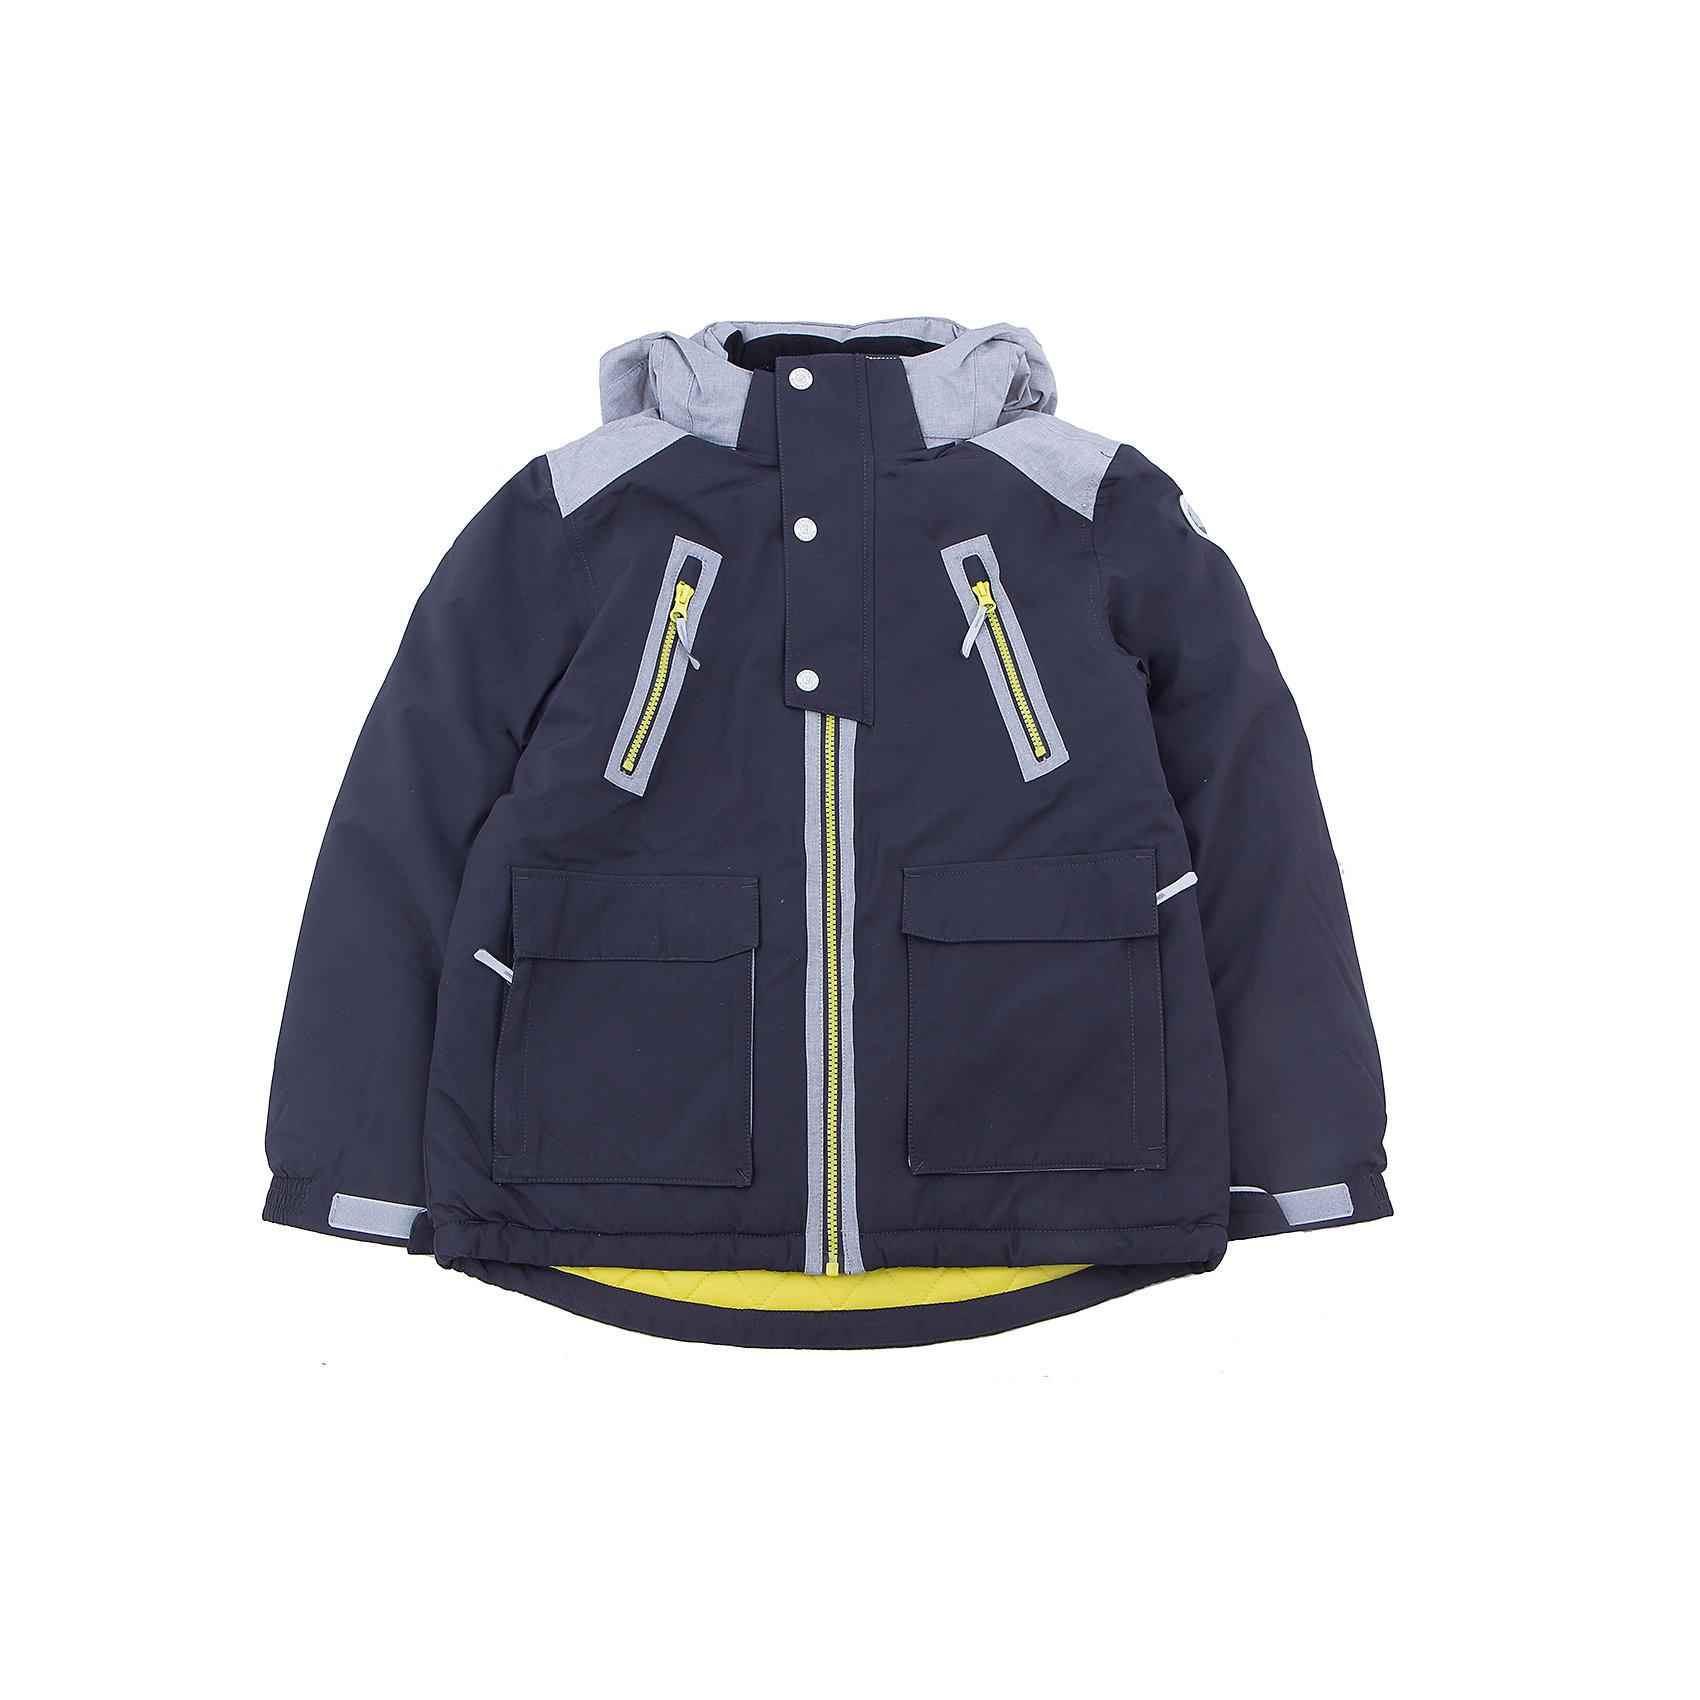 Куртка для мальчика ICEPEAKОдежда<br>Куртка для мальчика от известного бренда ICEPEAK.<br>Куртка с отстегивающимся капюшоном, молния закрыта планкой с внутренней стороны, сформированный локоть, утяжка в нижней части куртки, регулируемый рукав на липучке два кармана в верхней части куртки, накладные карманы в нижней части куртки, комбинированная ткань на плечах, утепленные и мягкие накладные карманы , мягкий и теплый внутренний воротник, светоотражающие элементы, искусственный утеплитель Finnwad, утепление 200/160 гр., рекомендуемый температурный режим до -30 град. Ощущение тепла и холода носит индивидуальный характер и зависит от теплообмена ребенка.<br>Технологии: Icetech 10 000mm/5000 g; 2-layer; Taped seams; Children's safety; Reflectors<br>Состав:<br>100% полиэстер<br><br>Ширина мм: 356<br>Глубина мм: 10<br>Высота мм: 245<br>Вес г: 519<br>Цвет: серый<br>Возраст от месяцев: 180<br>Возраст до месяцев: 192<br>Пол: Мужской<br>Возраст: Детский<br>Размер: 176,128,140,152,164<br>SKU: 5413965